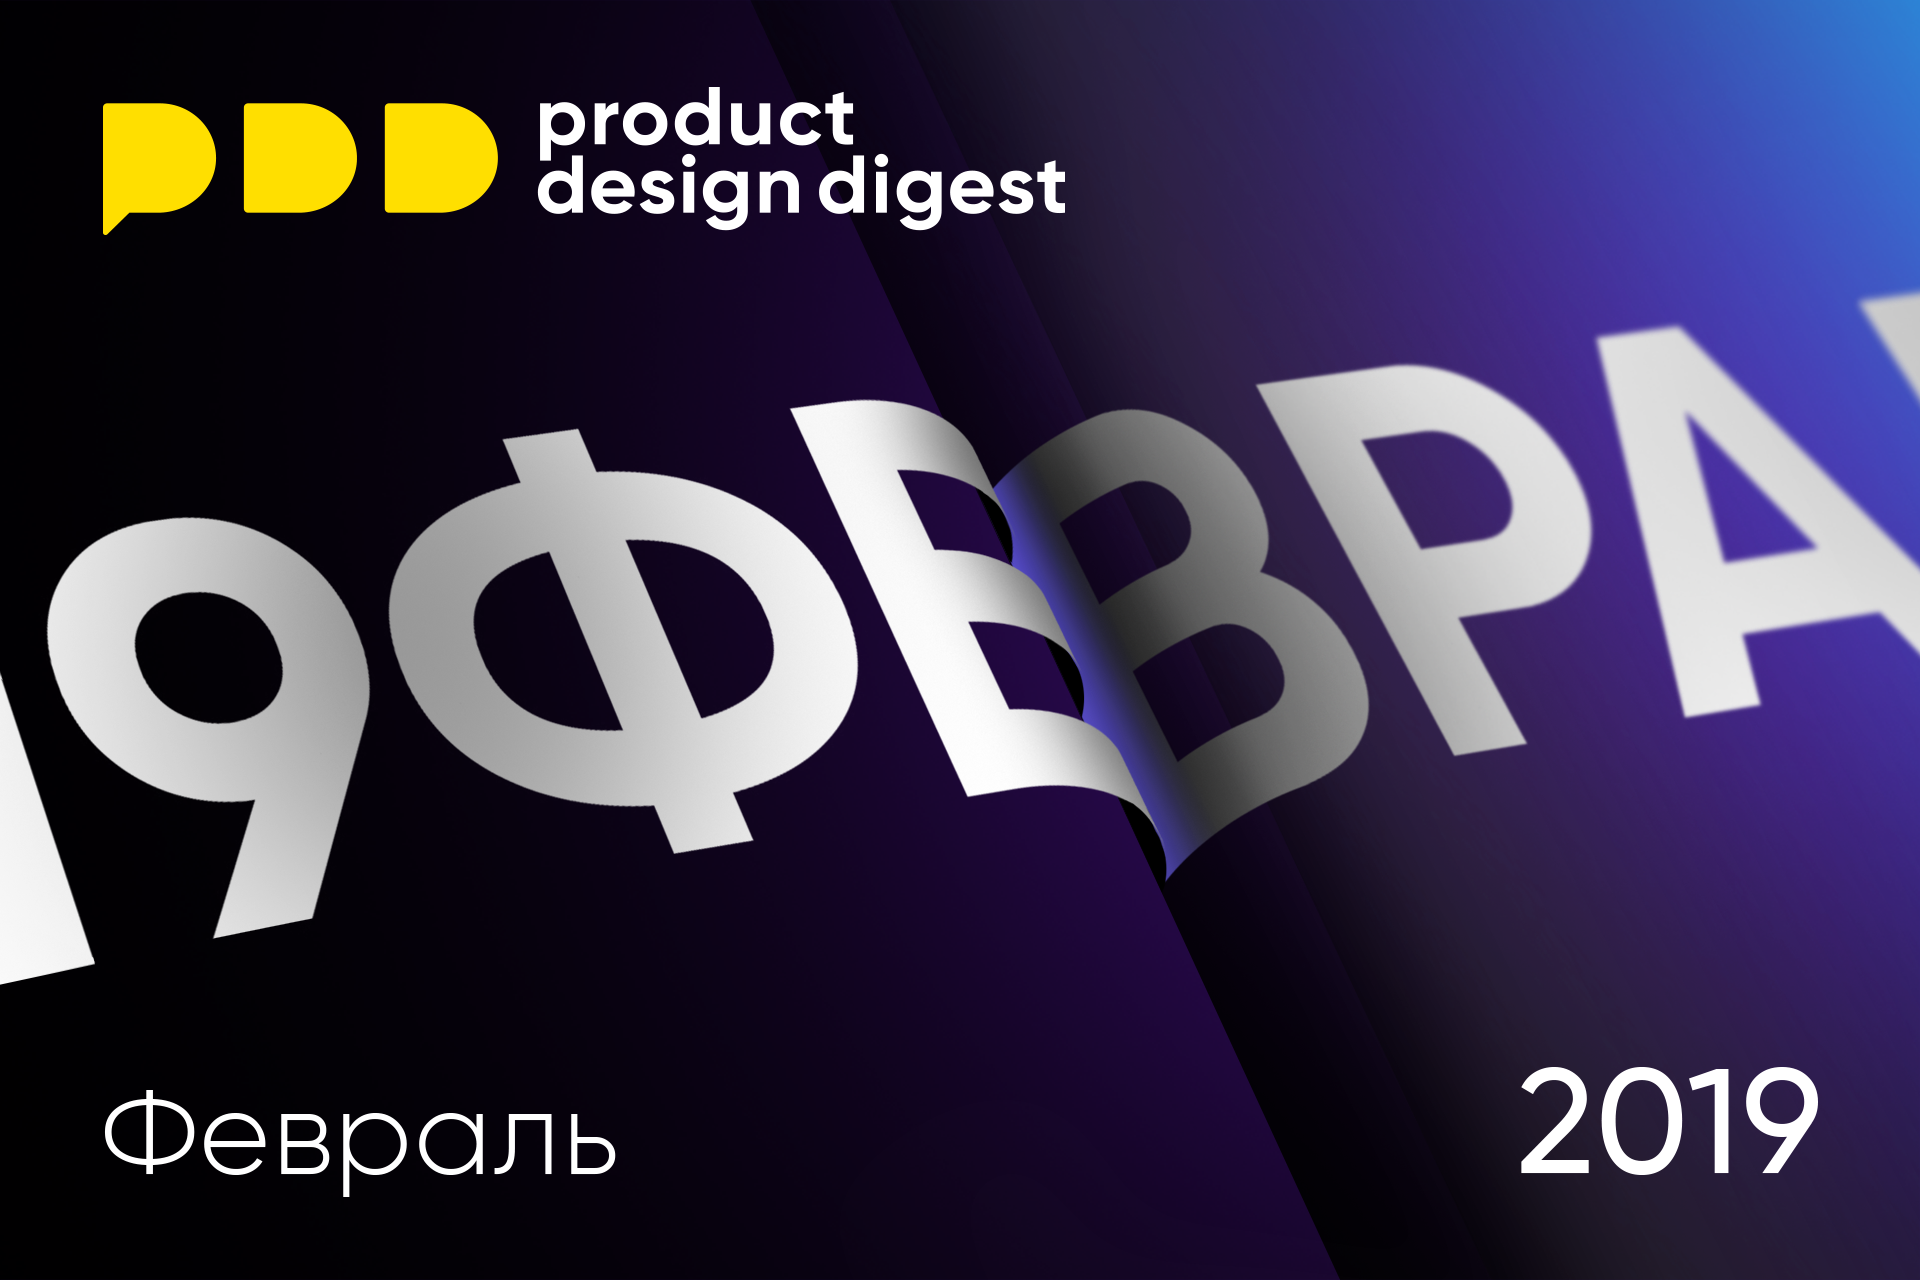 Дайджест продуктового дизайна, февраль 2019